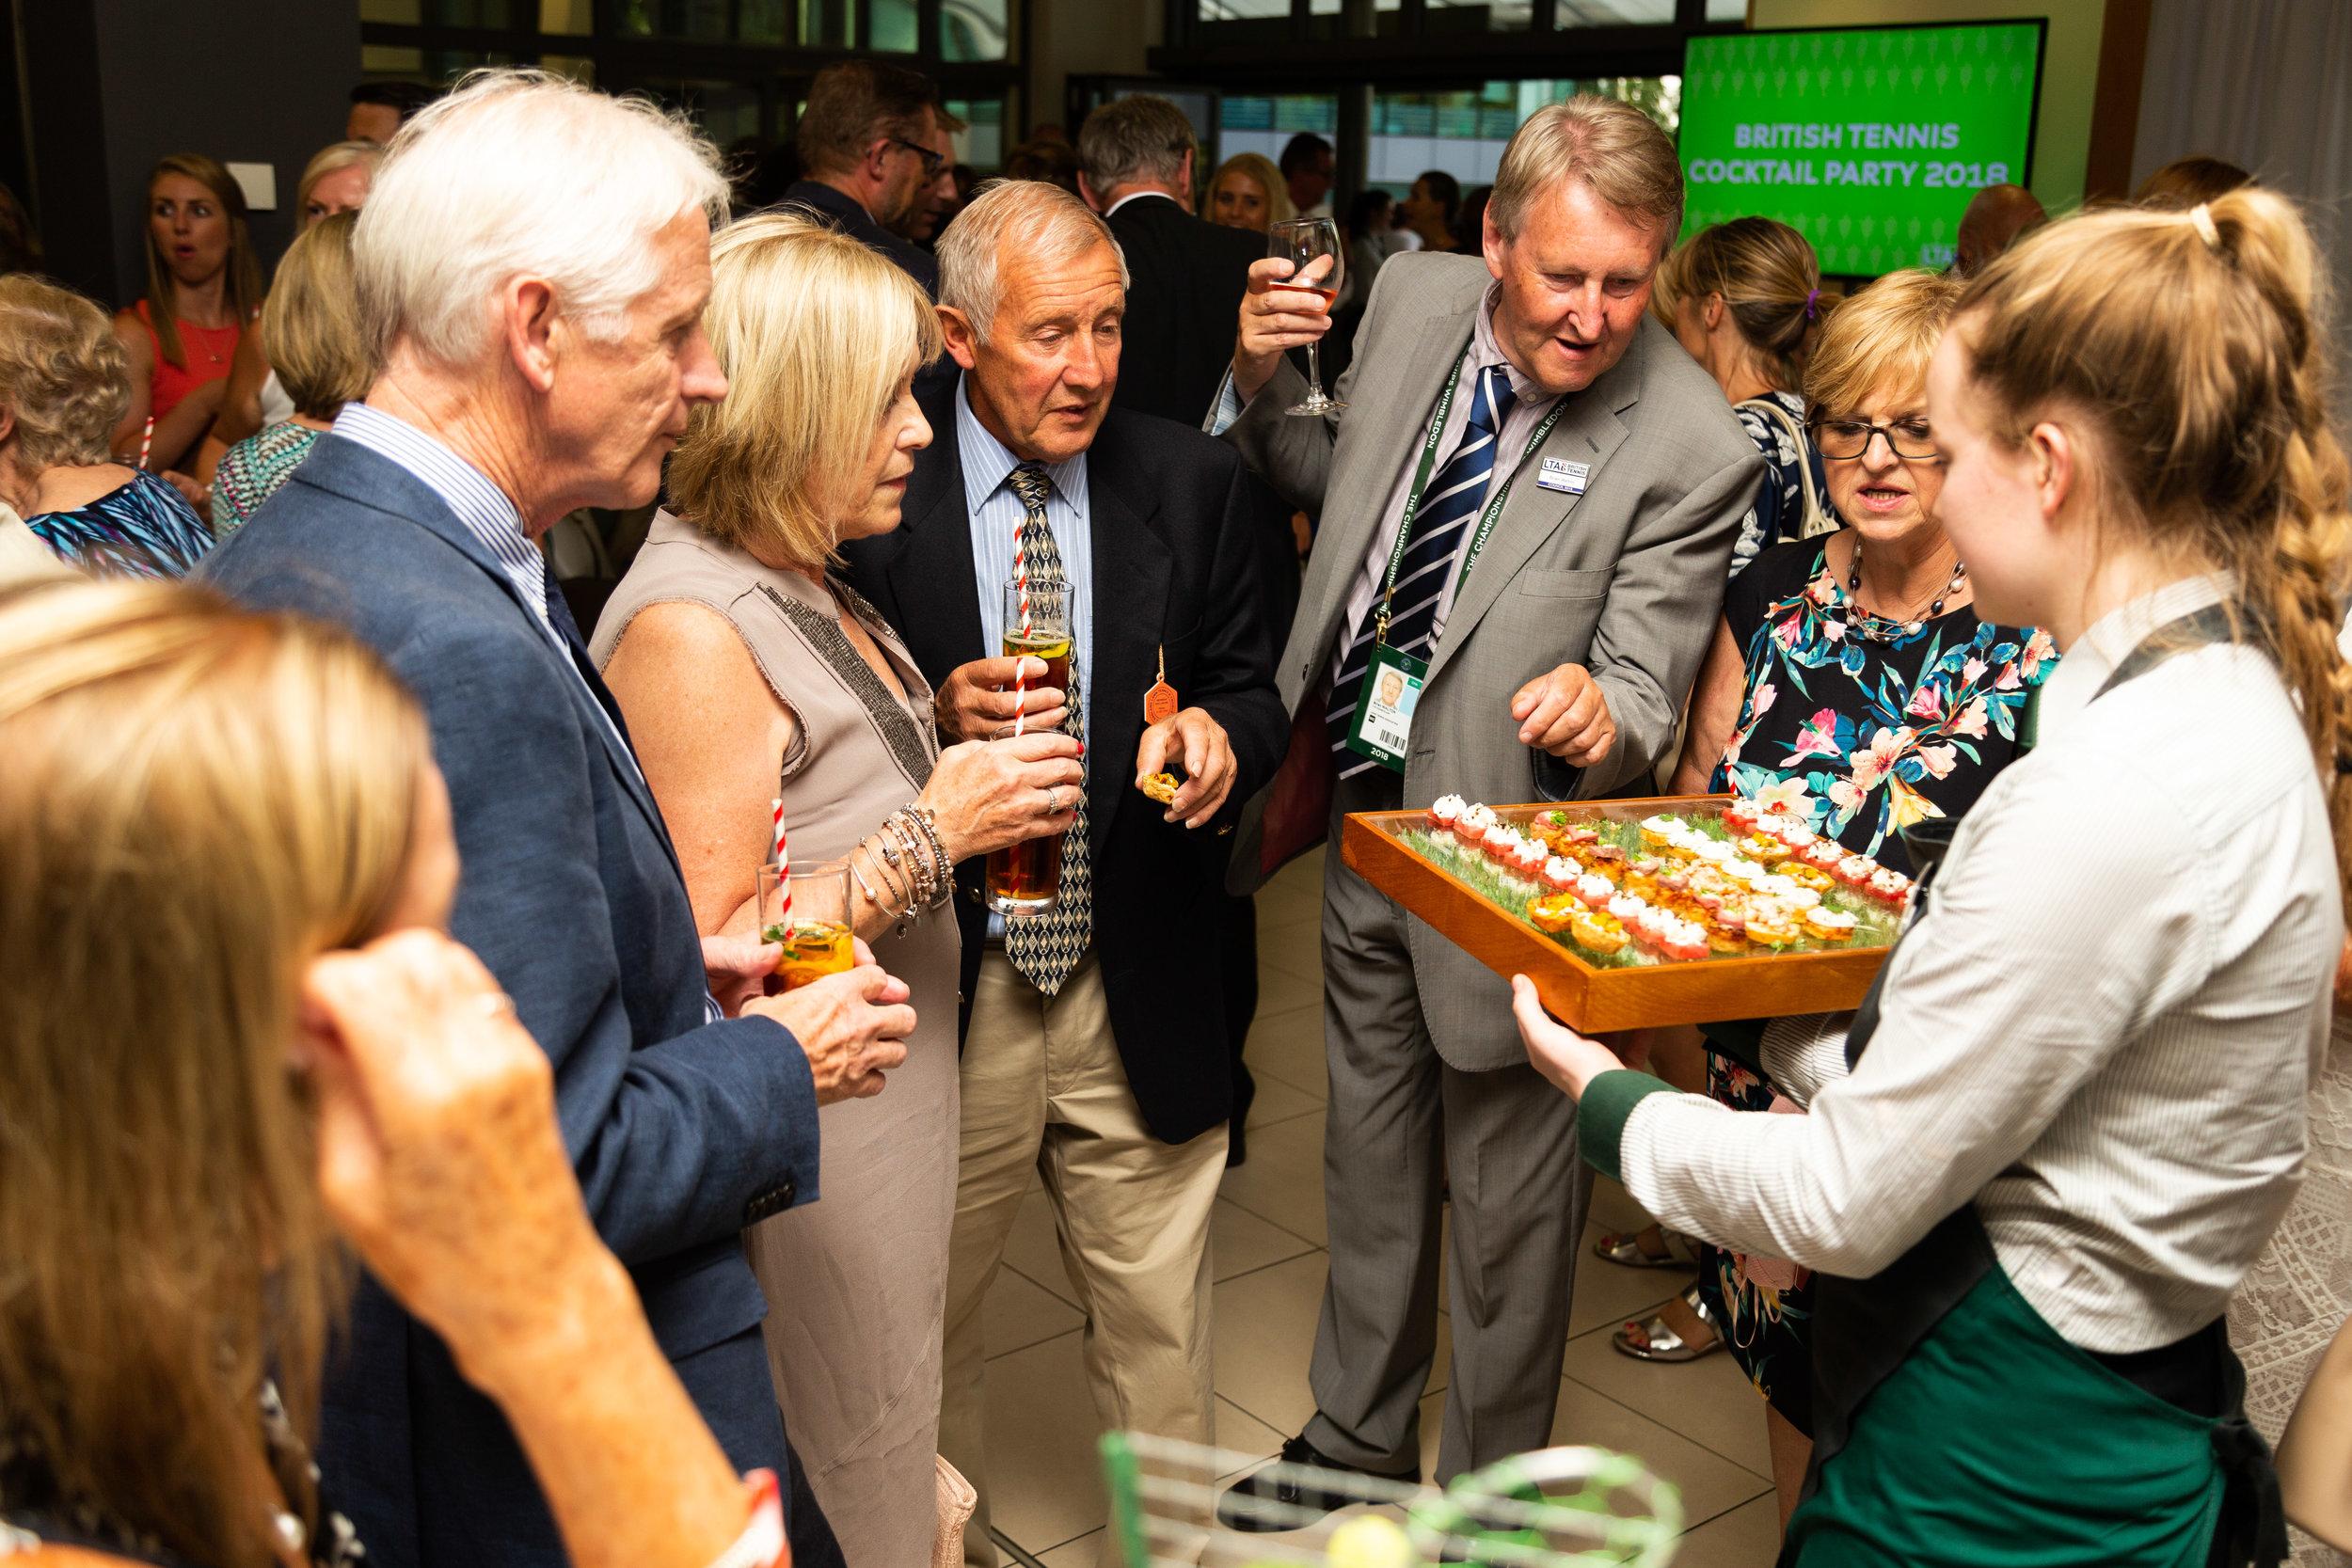 British Tennis Cocktail Party, Wimbledon.